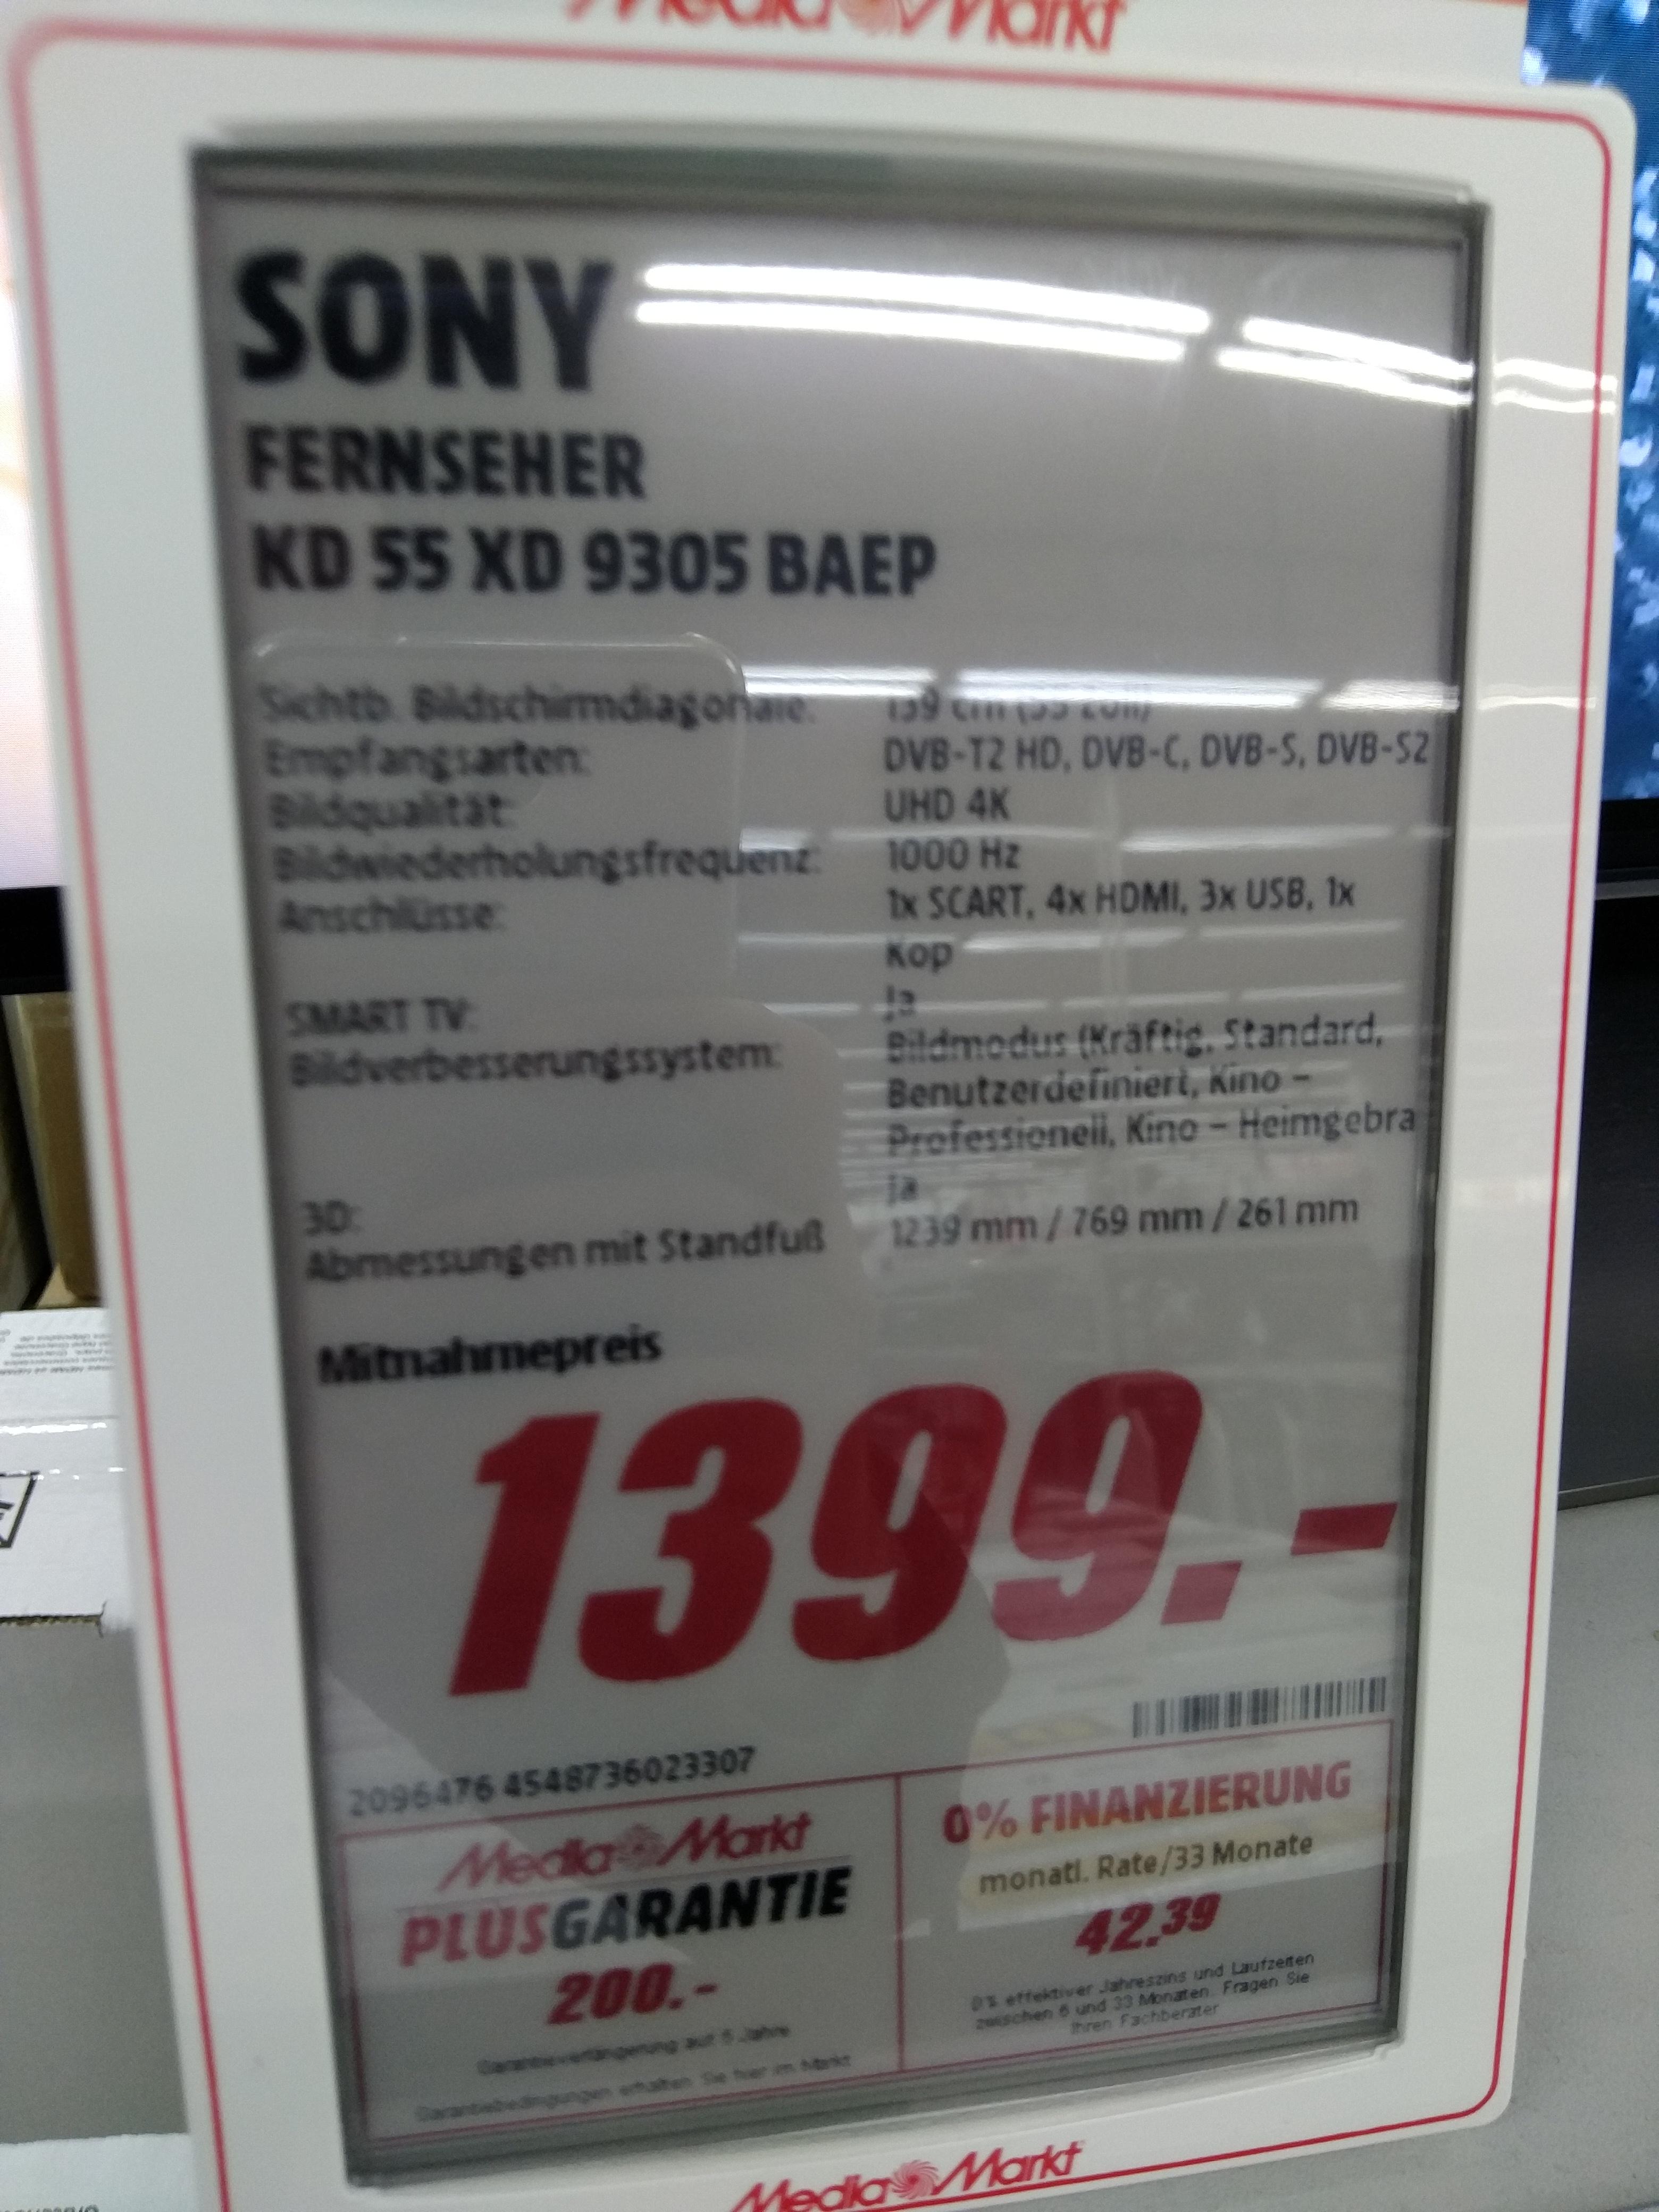 Sony KD 55 Xd 9305 BAEP im Media Markt Speyer für 1399,- plus 120,- Gutschein